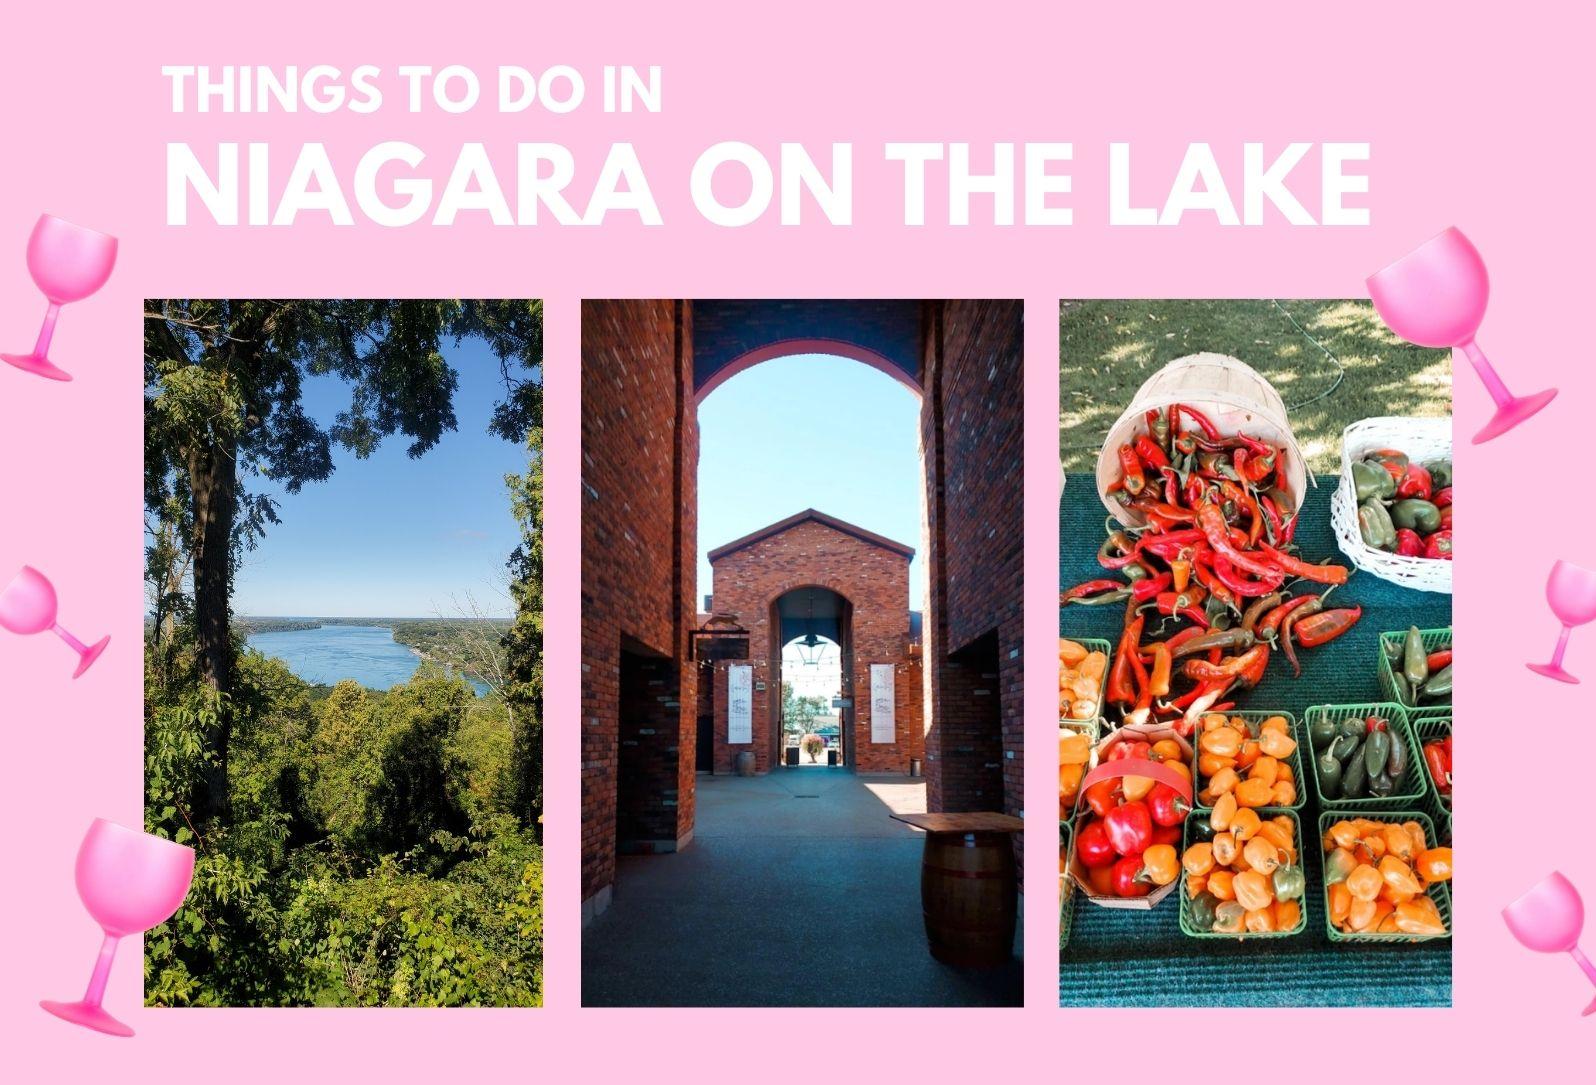 niagara on the lake